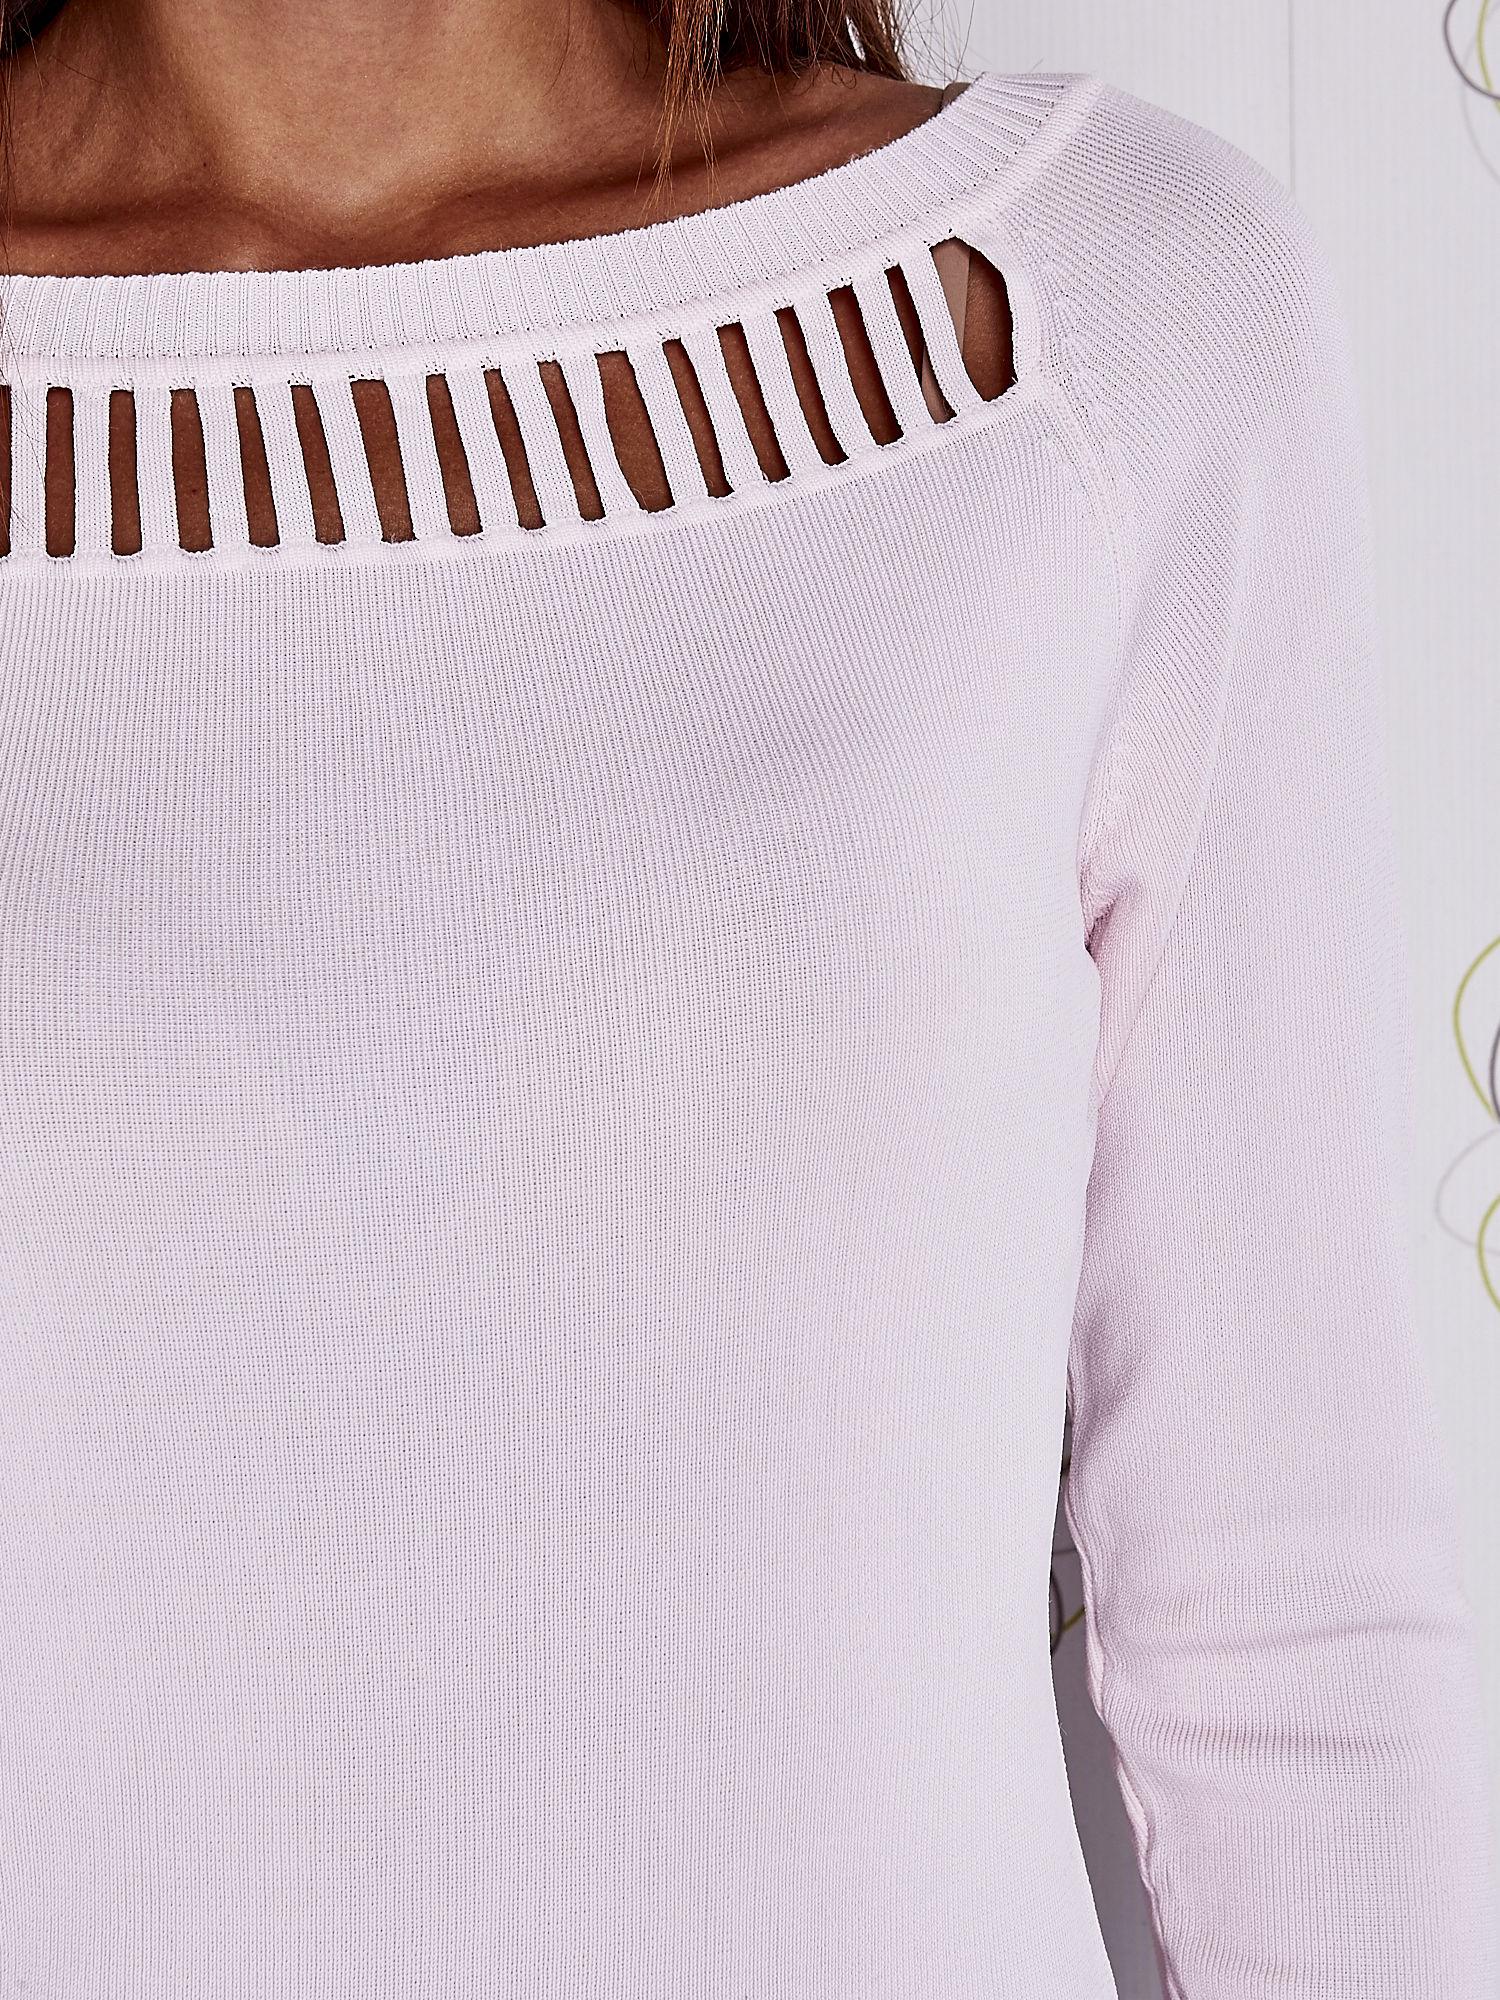 Jasnoróżowy jedwabny sweter z ażurowaniem przy dekolcie                                  zdj.                                  5